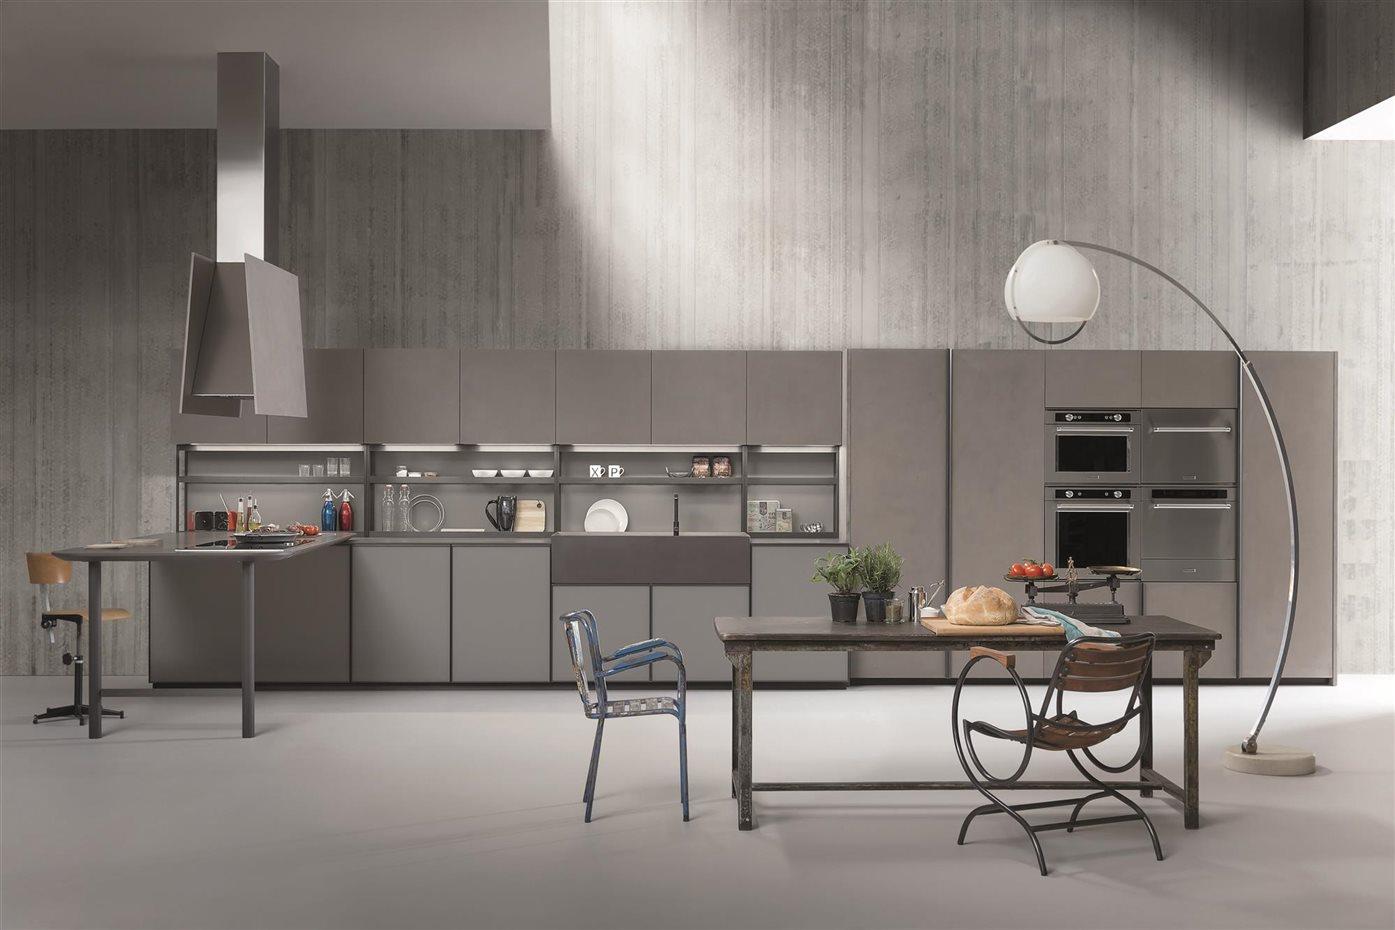 La Cocina Traje # Xp Muebles De Cocina